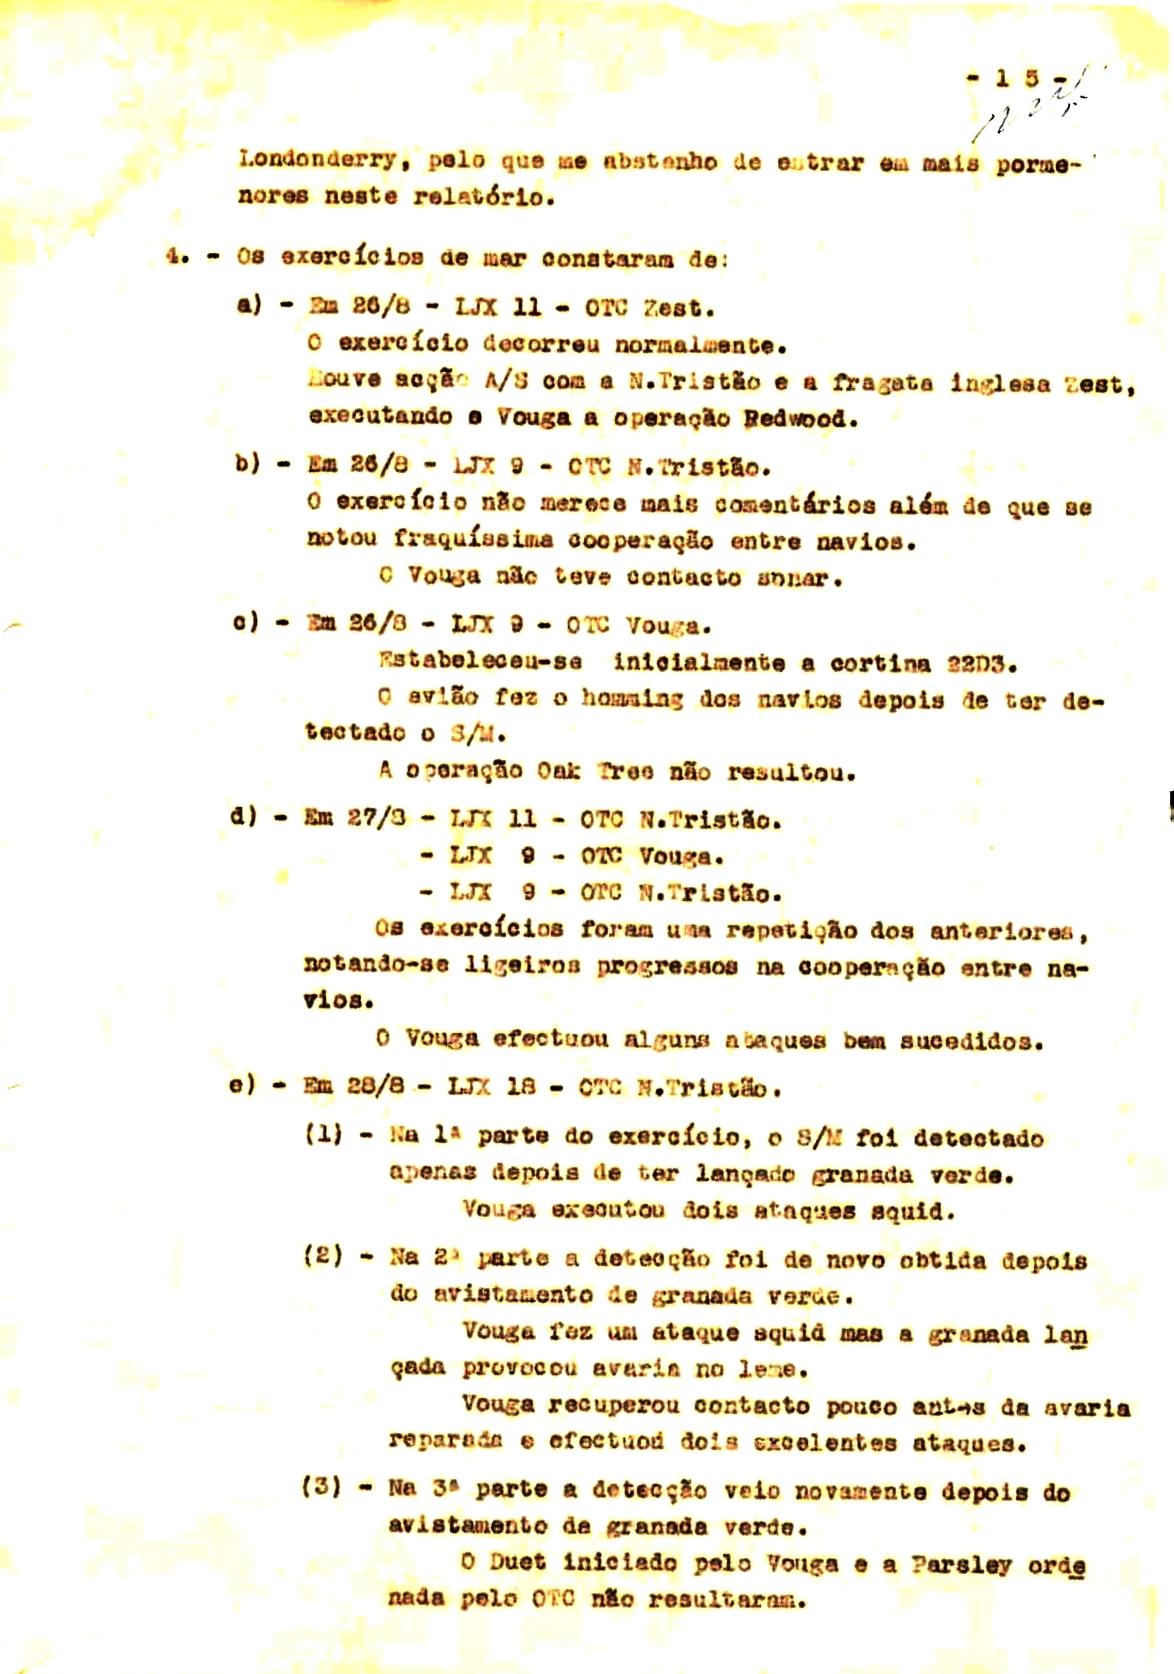 00352 57-10-21 cópia do Relatório do Chefe do Serviço de Armas Submarina do CT Vouga 1º Ten Nunes da Silva-15